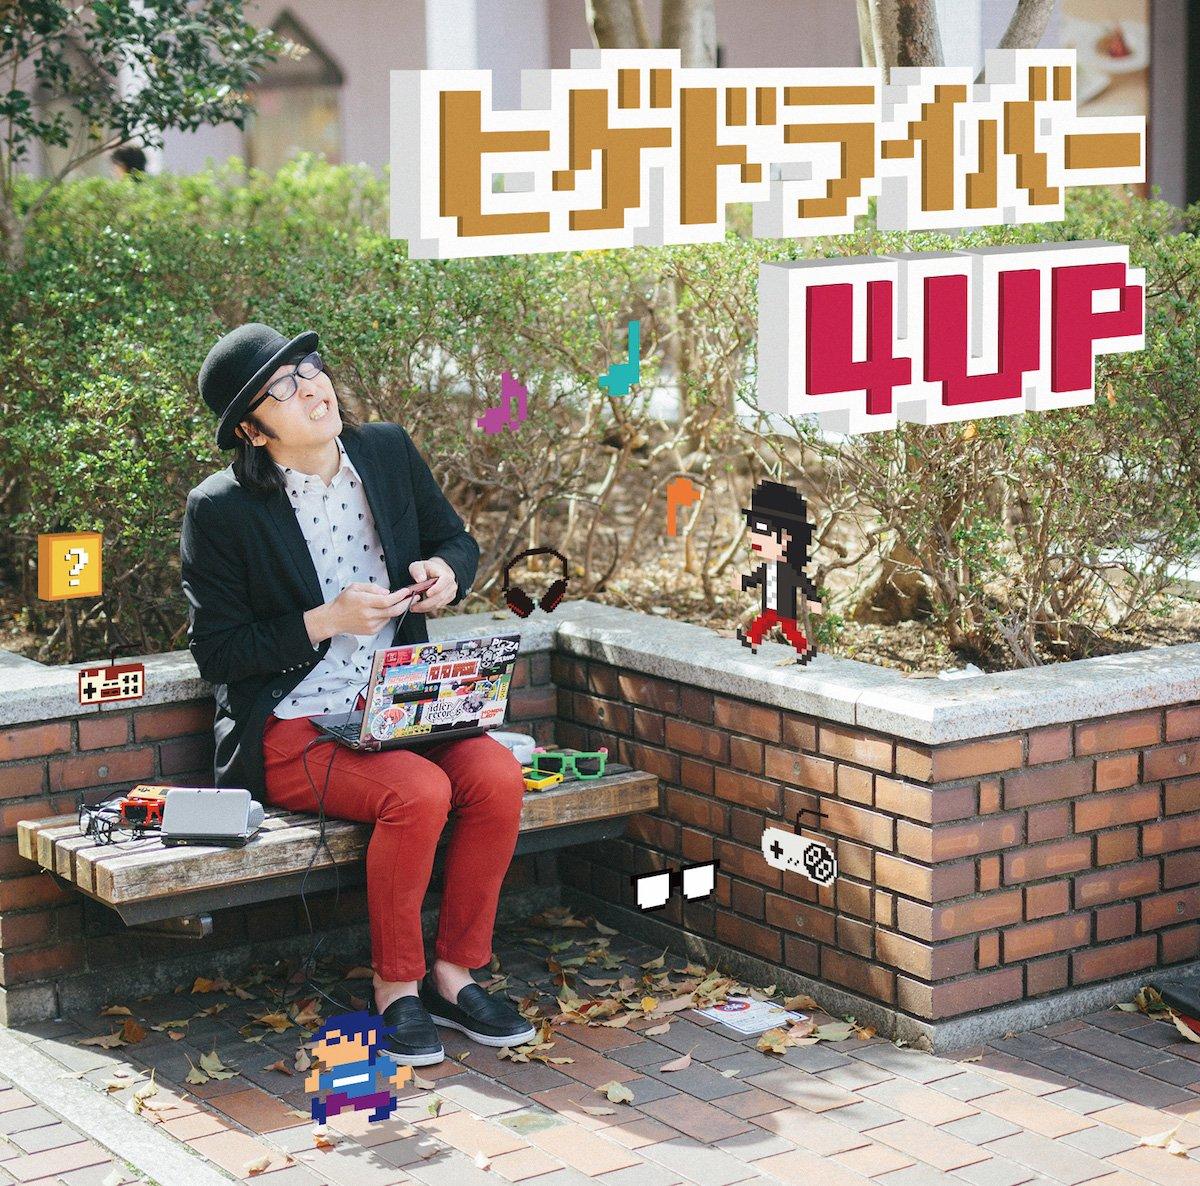 ヒゲドライバー4thアルバム『4UP』 POLYSICSハヤシ、プリキュア声優 山村響も